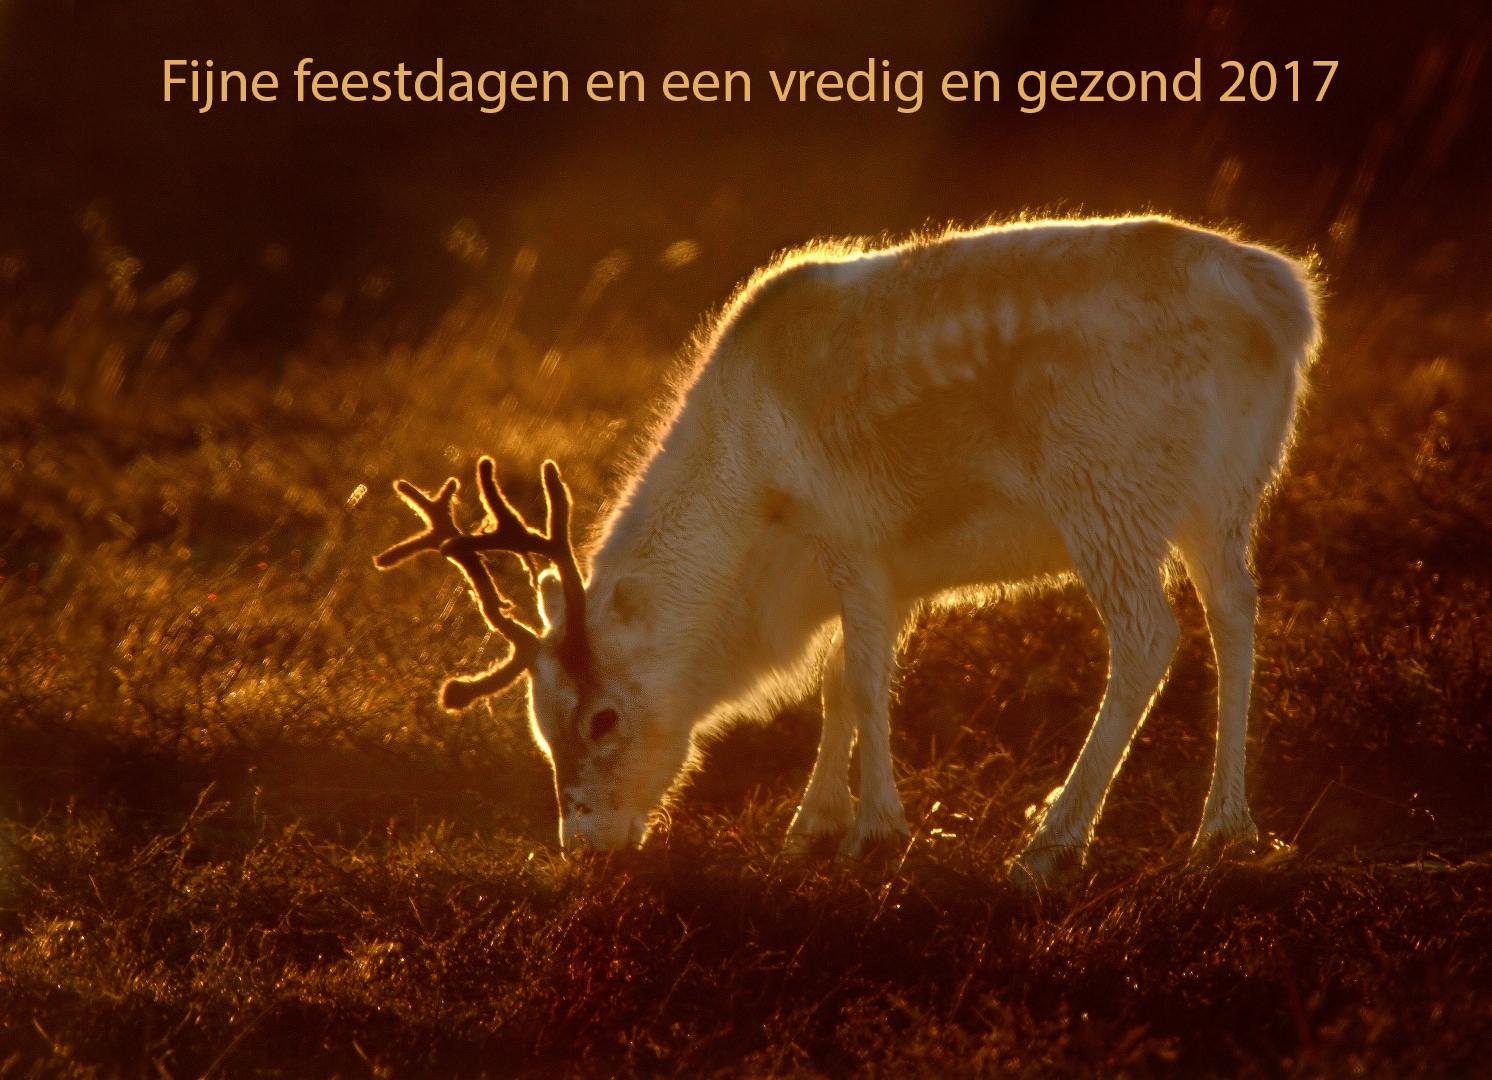 PA022243 Rendier Noordlapland_1492x1080 wenskaart